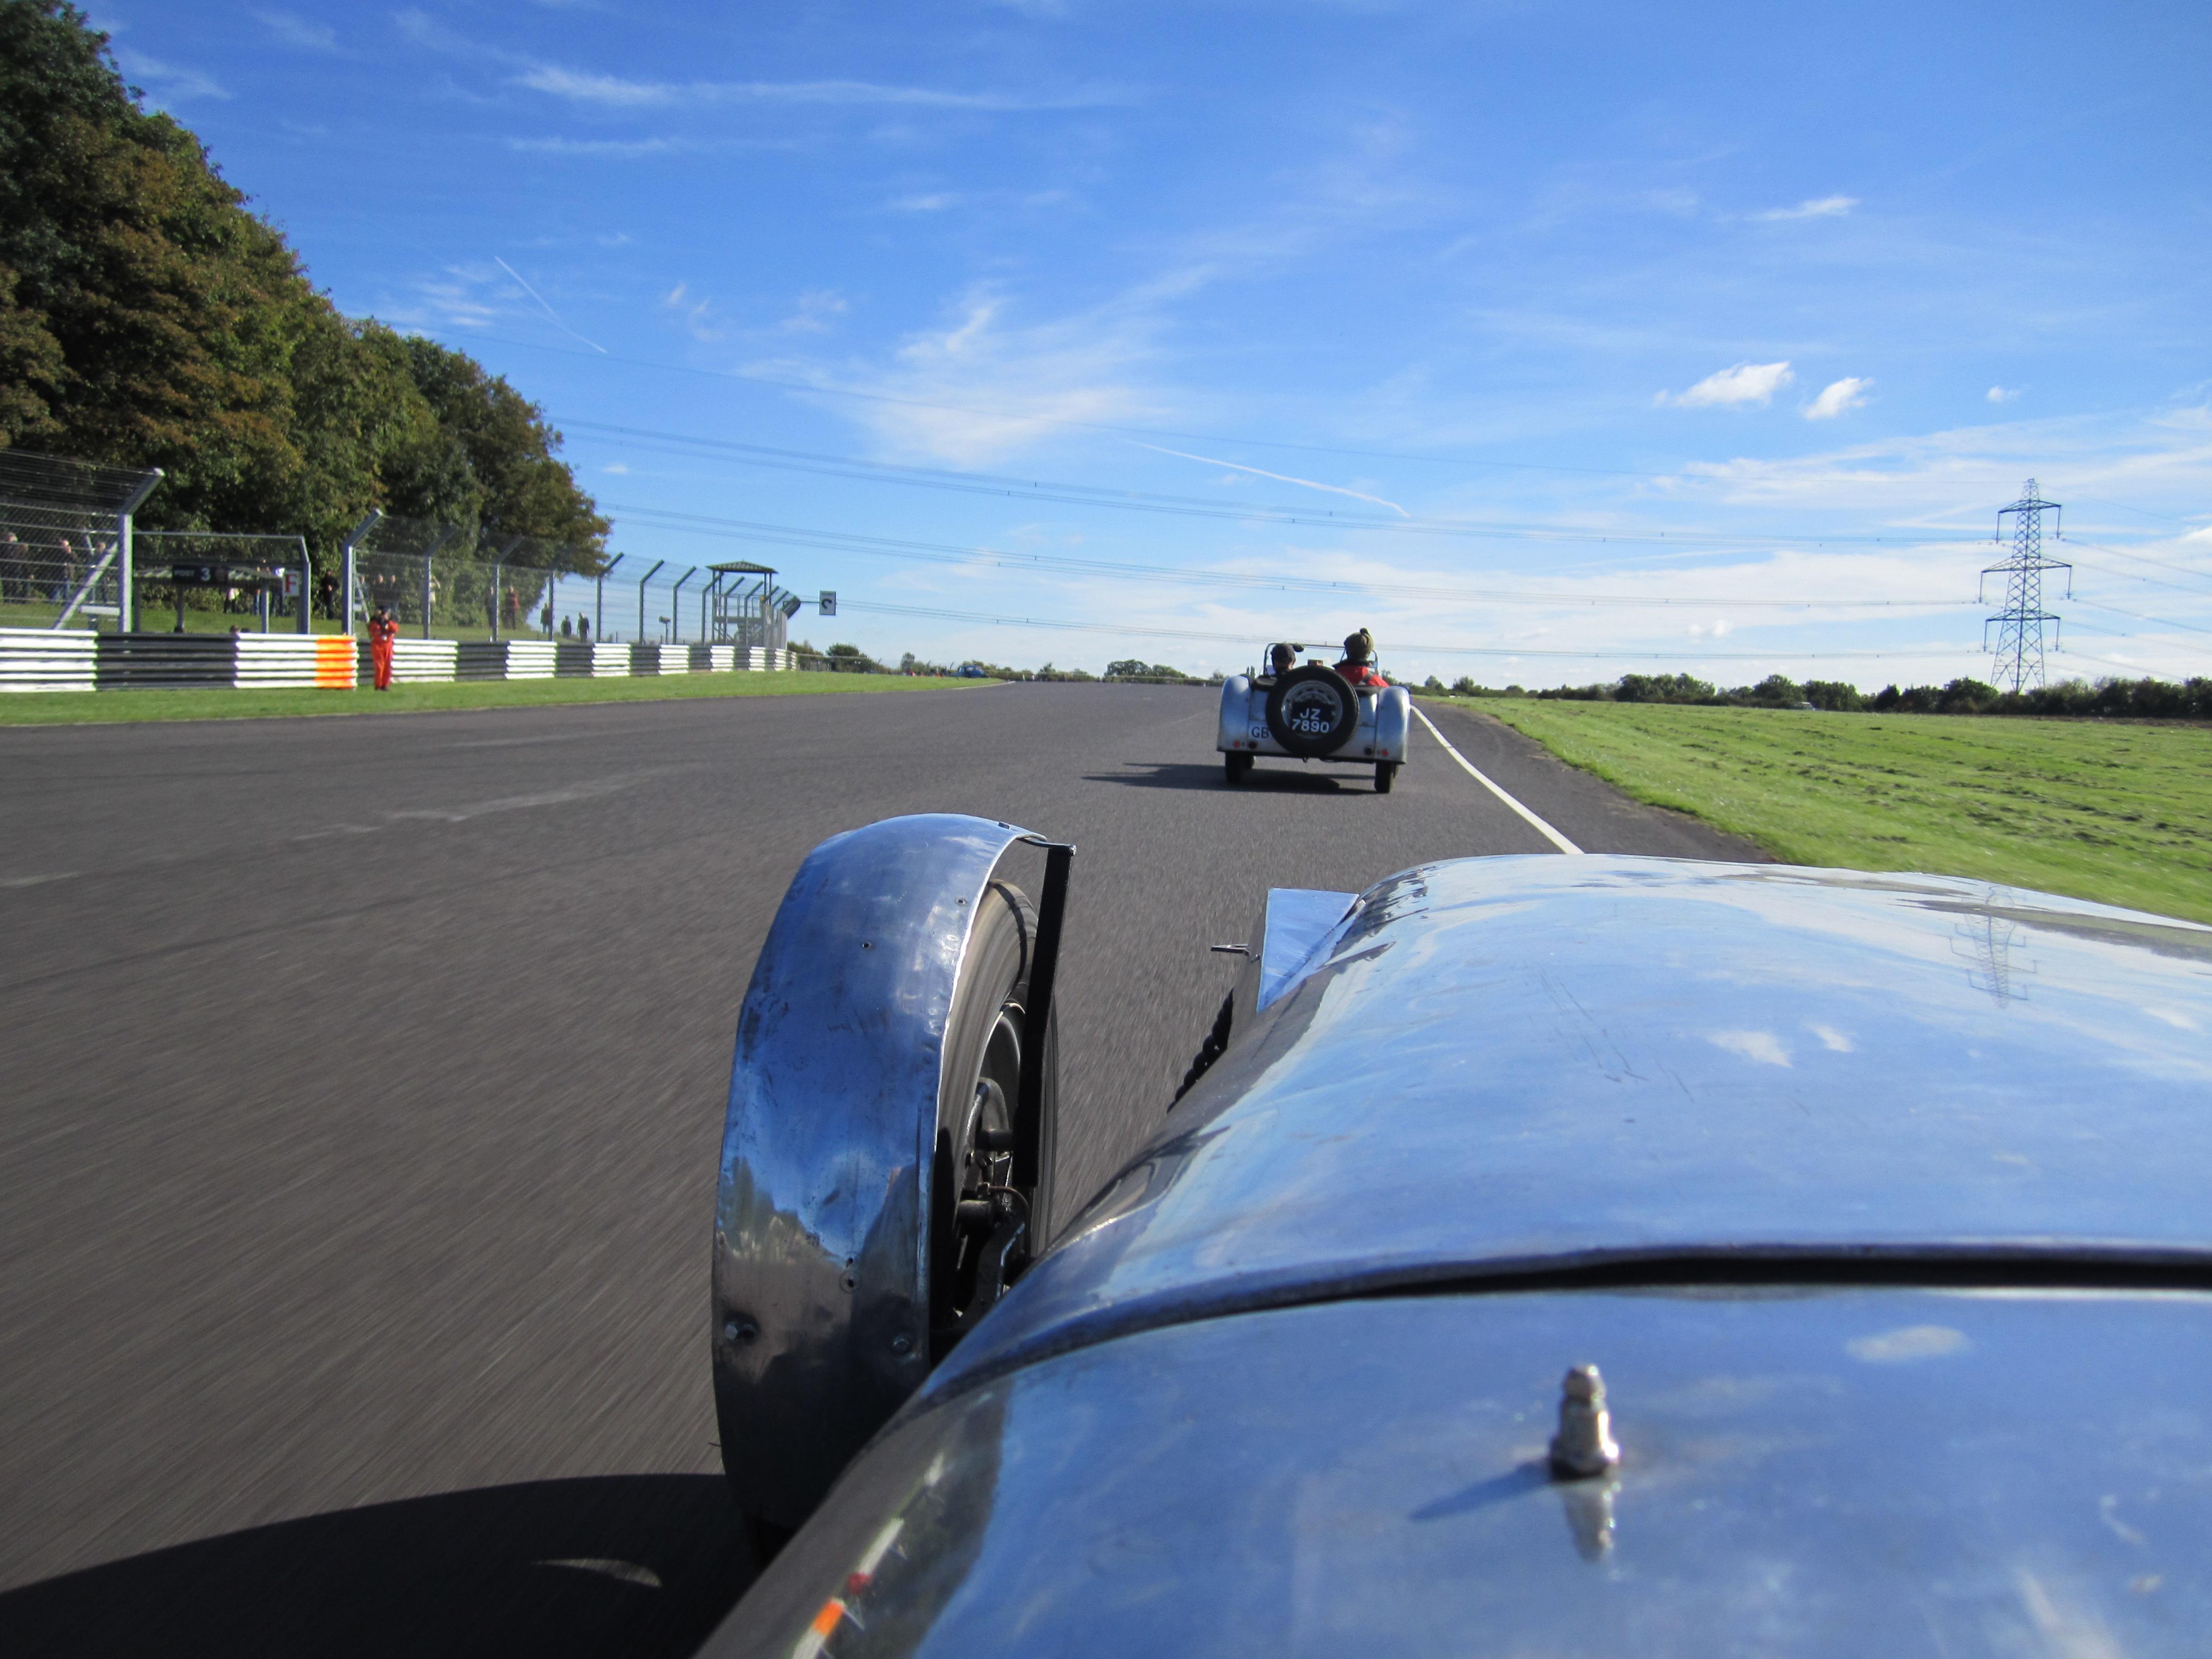 Lotus MK6's enjoying the parade lap